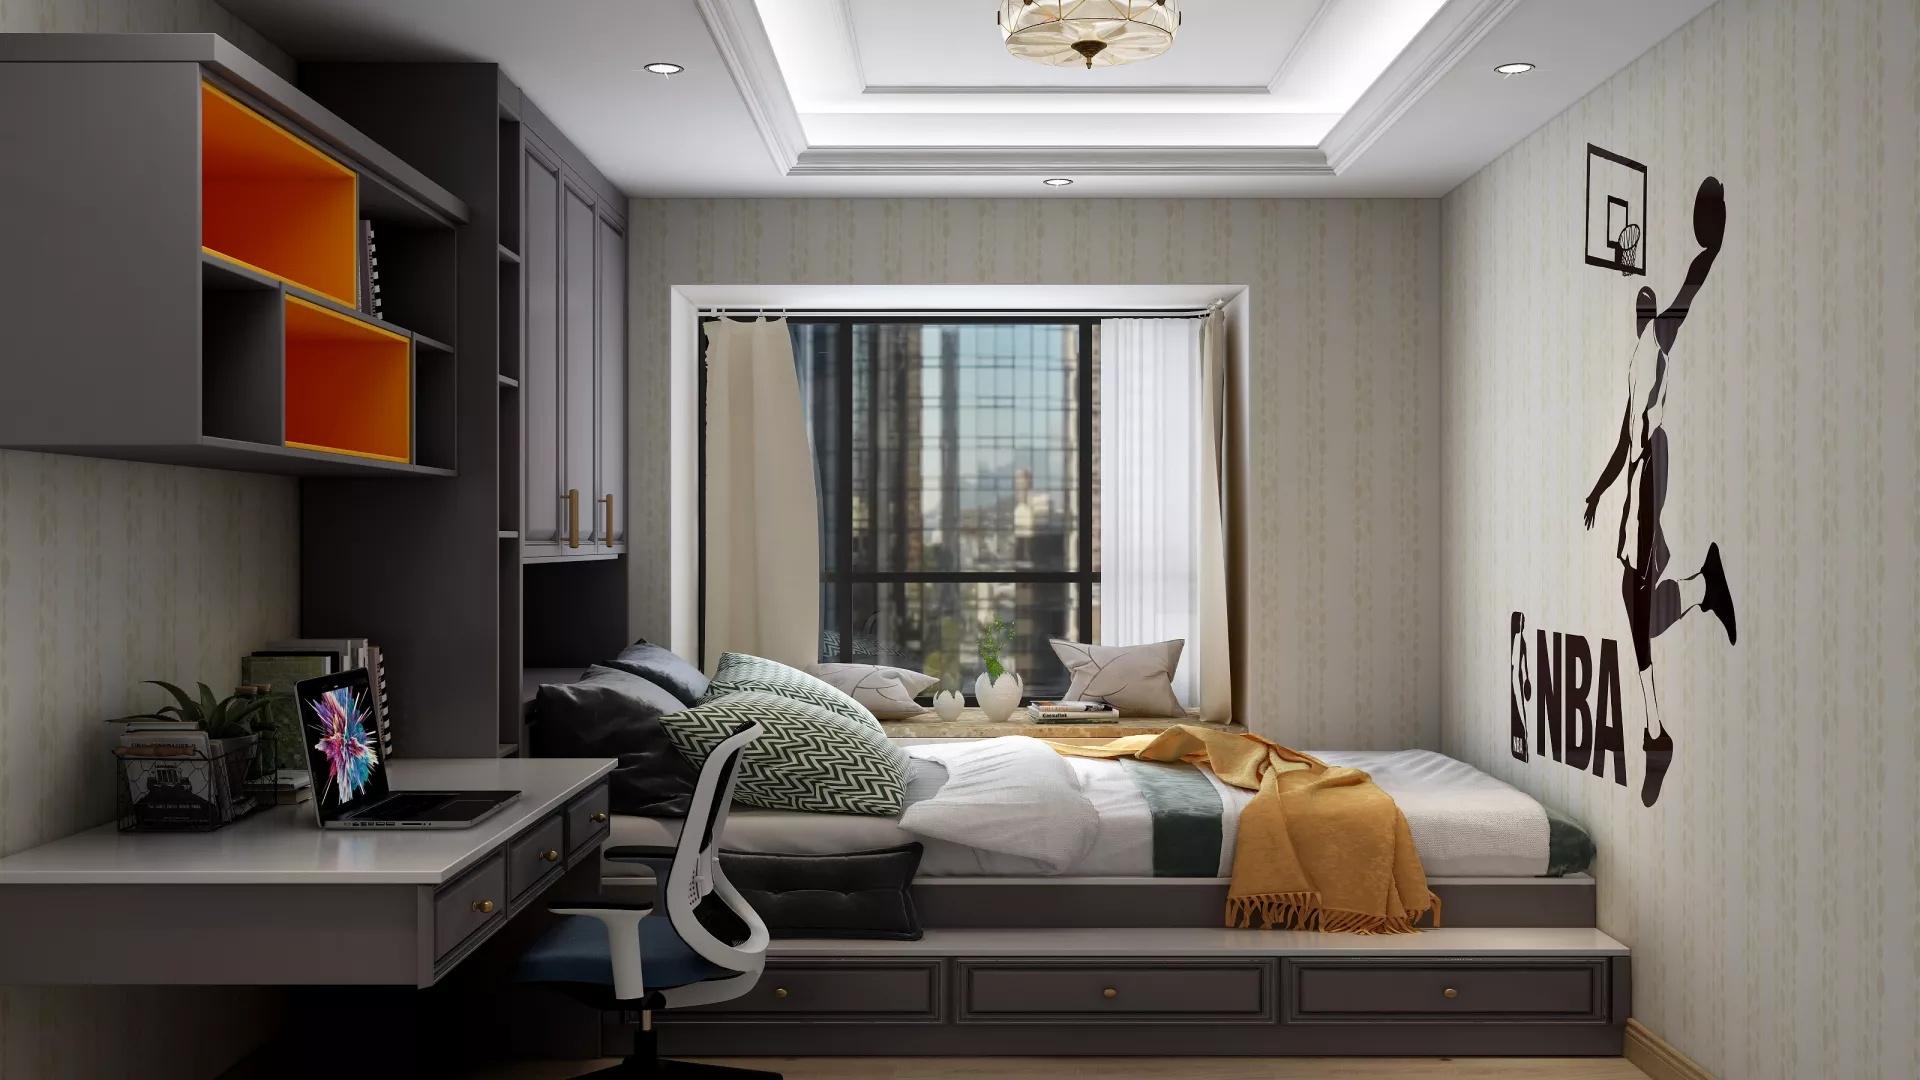 欧式风格时尚大气型客厅装修效果图